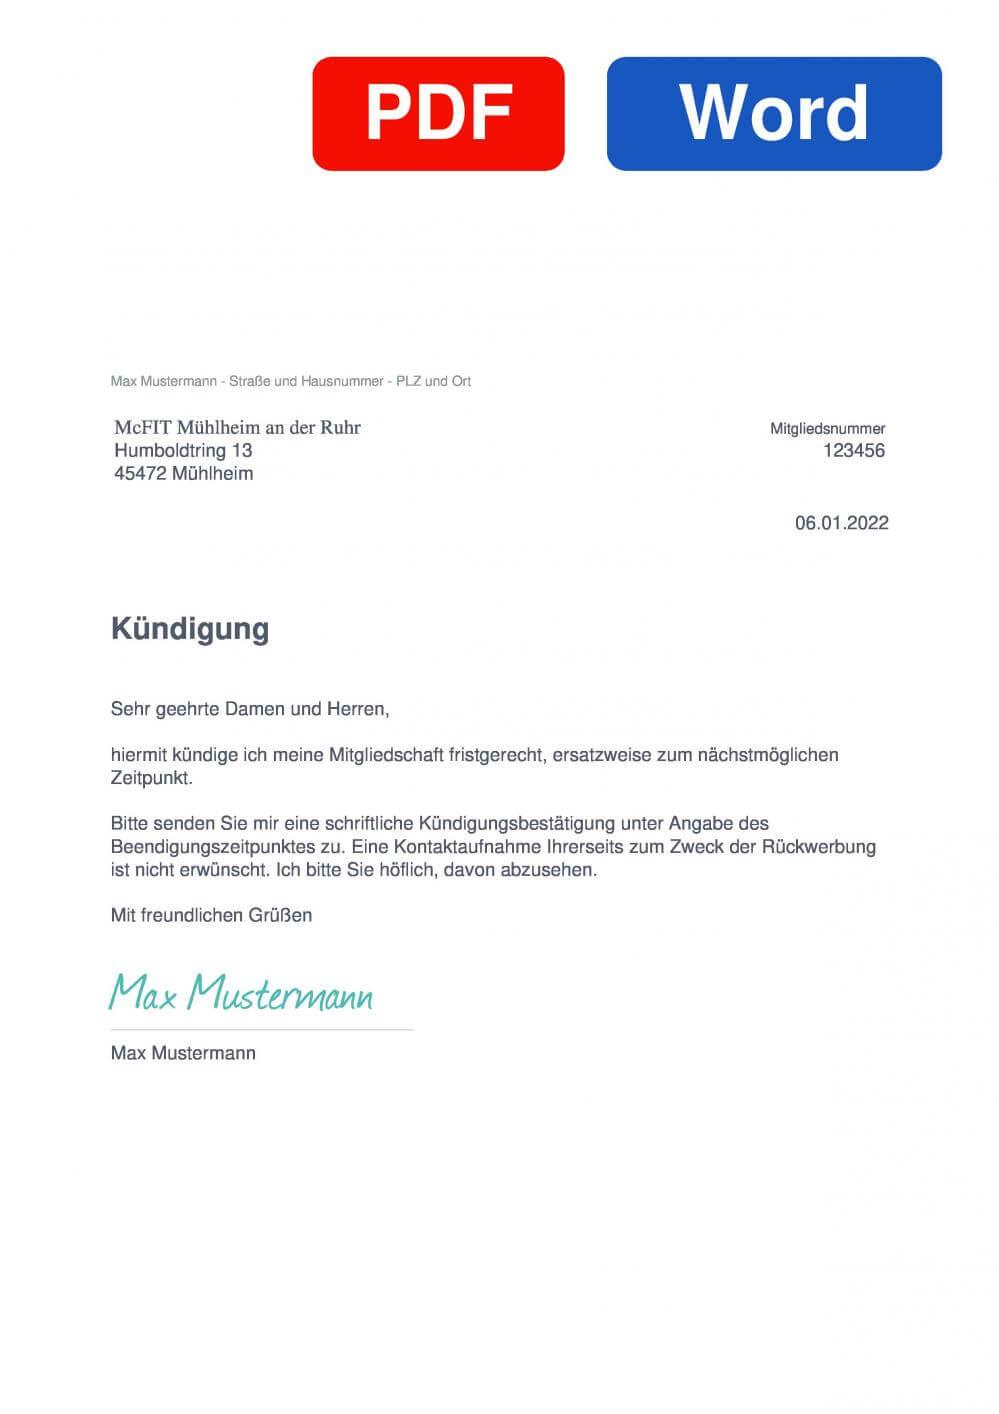 McFIT Mühlheim an der Ruhr Muster Vorlage für Kündigungsschreiben